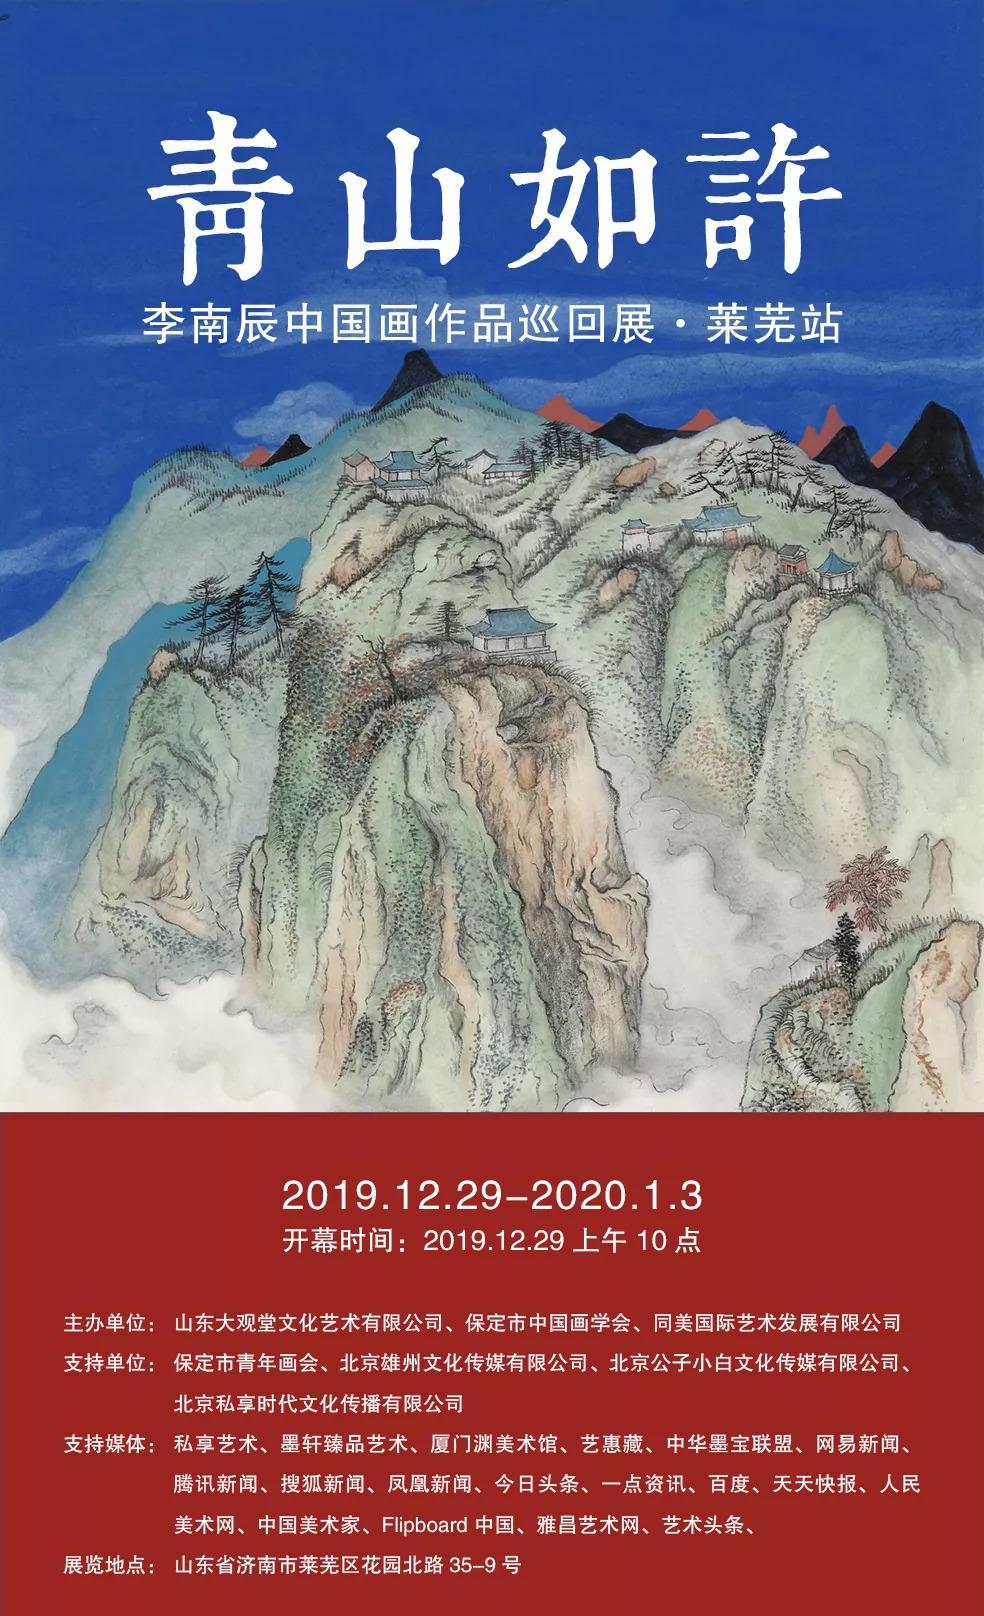 青山如許——李南辰中國畫作品巡回展·萊蕪站